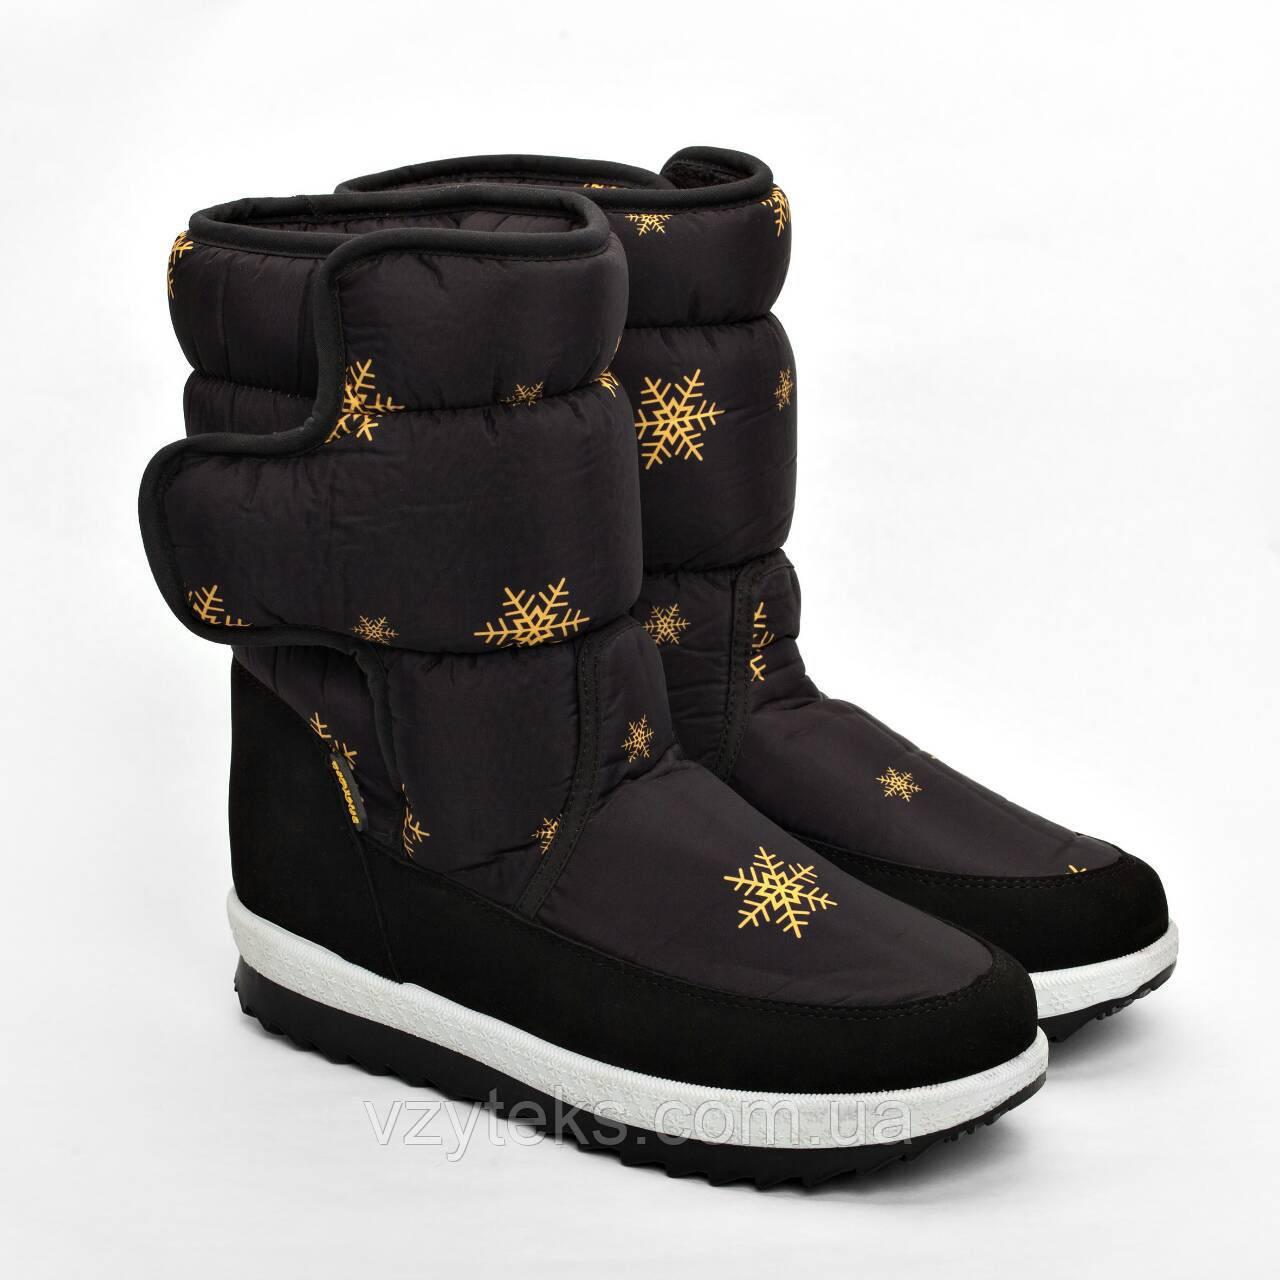 Купить Дутики женские зимние со снежинками Гипанис оптом Хмельницкий ... 00c5fd915462d